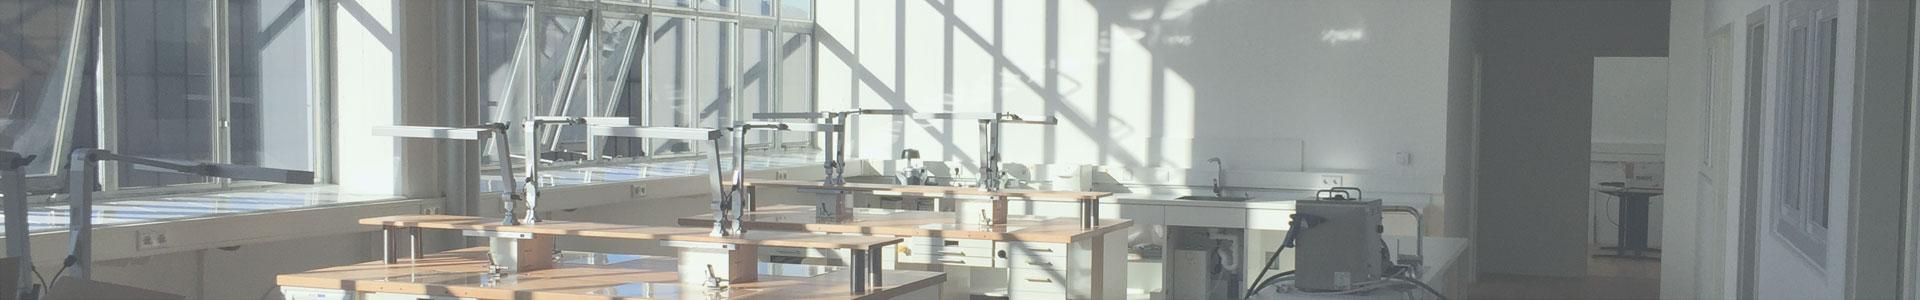 Ausschnitt einer Aufnahme, die Arbeitsplätze von Zahntechnikern in Düsseldorf zeigt.